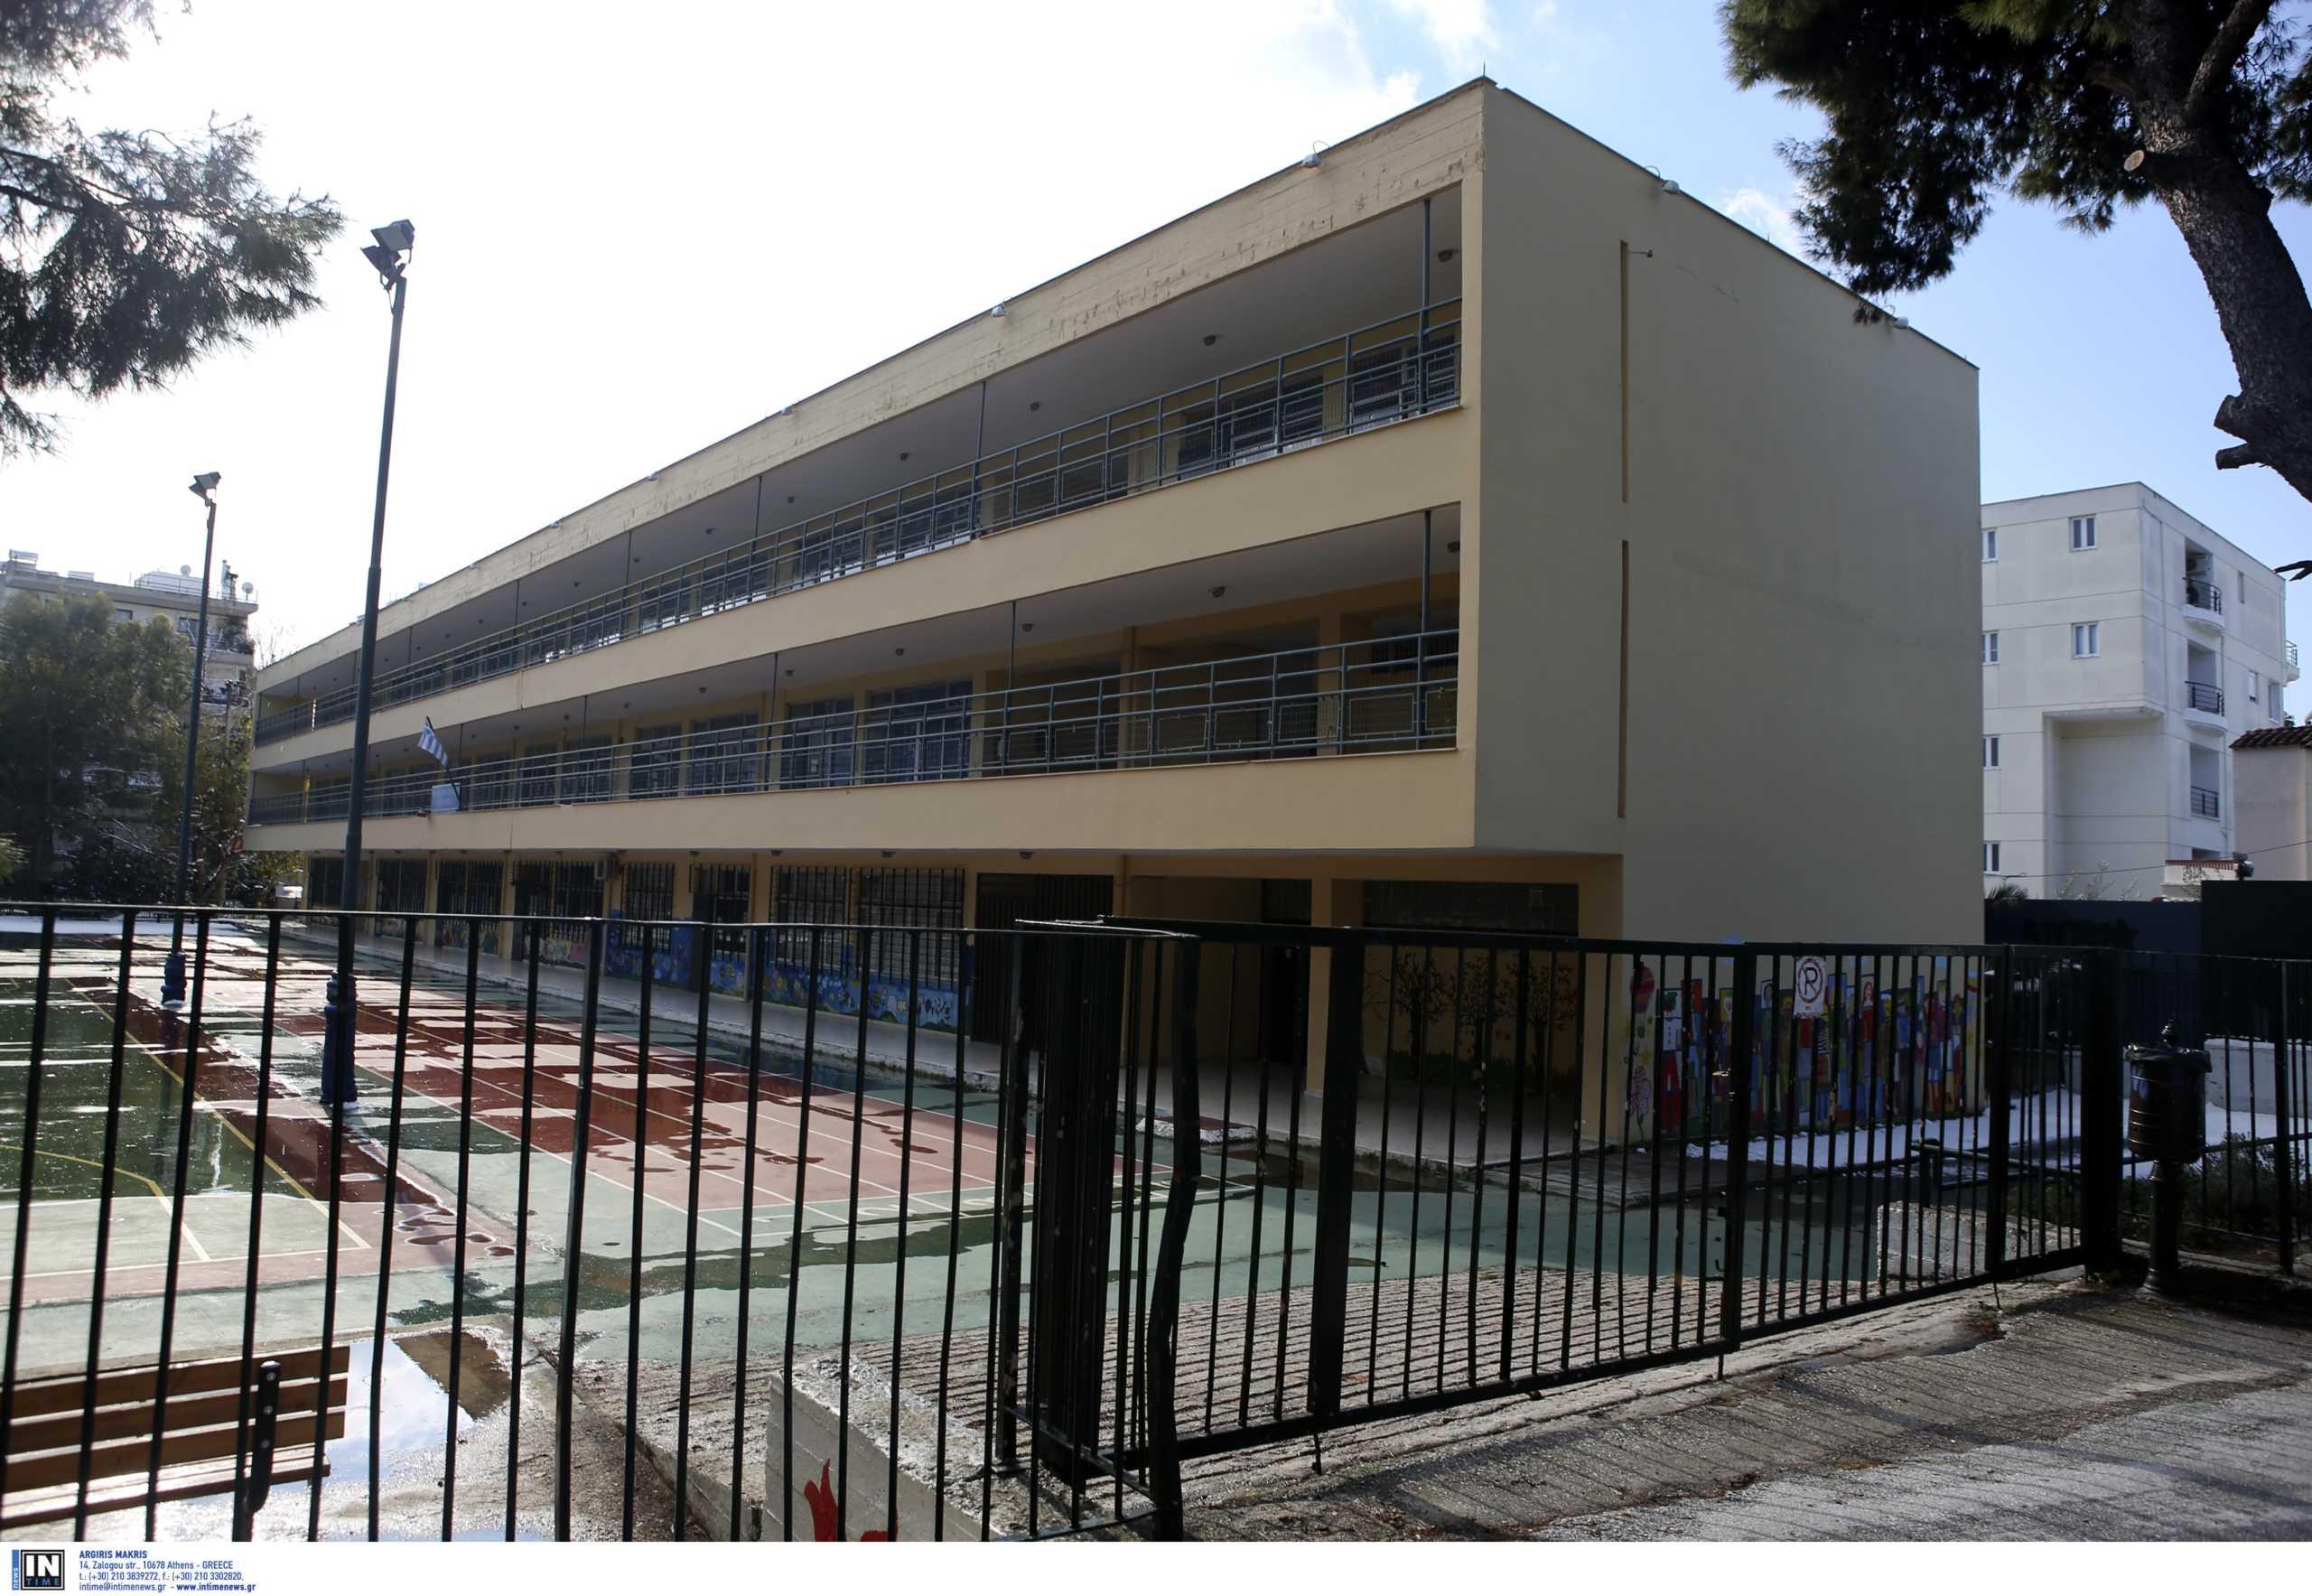 Κορονοϊός: Οδηγίες σε εκπαιδευτικούς και σχολεία για την ψυχολογική στήριξη των μαθητών